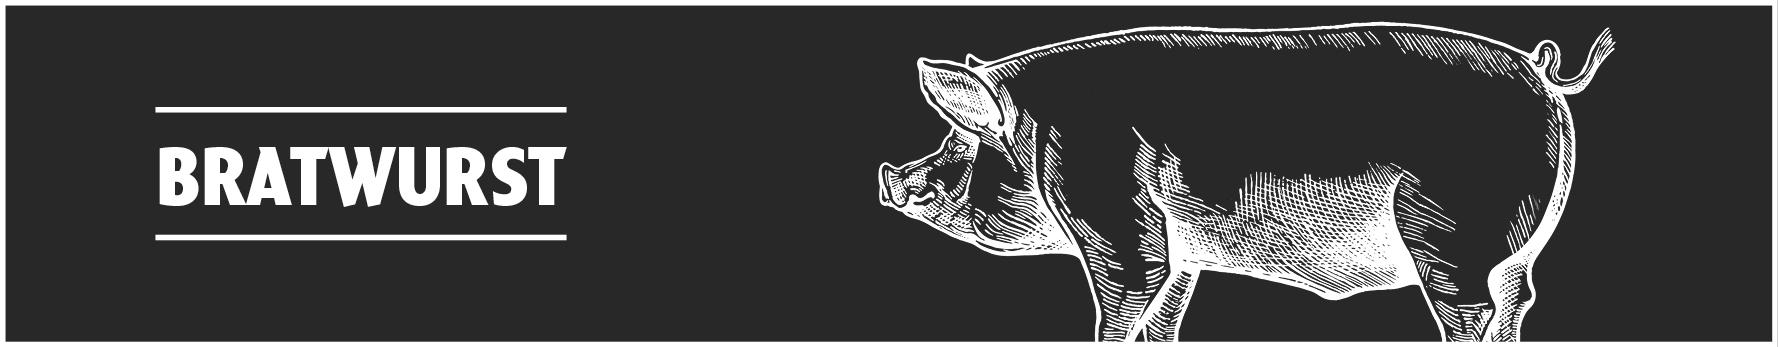 Premium Würstchen kaufen ✔ Bratwurst & Käsekreiner vom Schwein & Kalb ✔ Sichere & schnelle Lieferung ✔ Kontrollierte und zertifizierte Herkunft ✔ Kostenloser Versand ab 99€ Bestellwert ✔